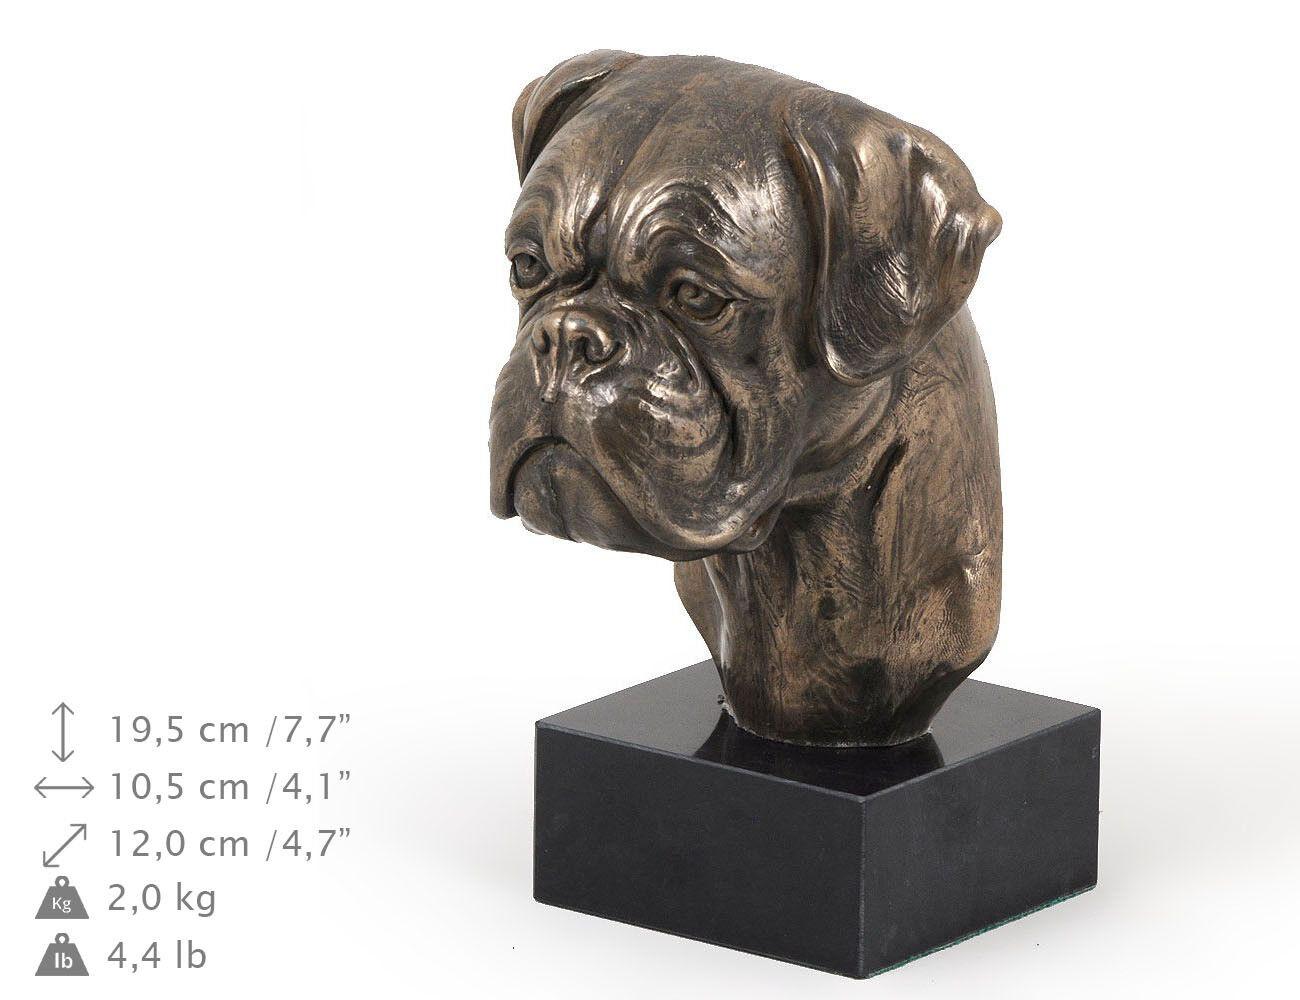 Bóxer alemán 2, estatua de mármol   busto de perro ArtDog, edición limitada ES